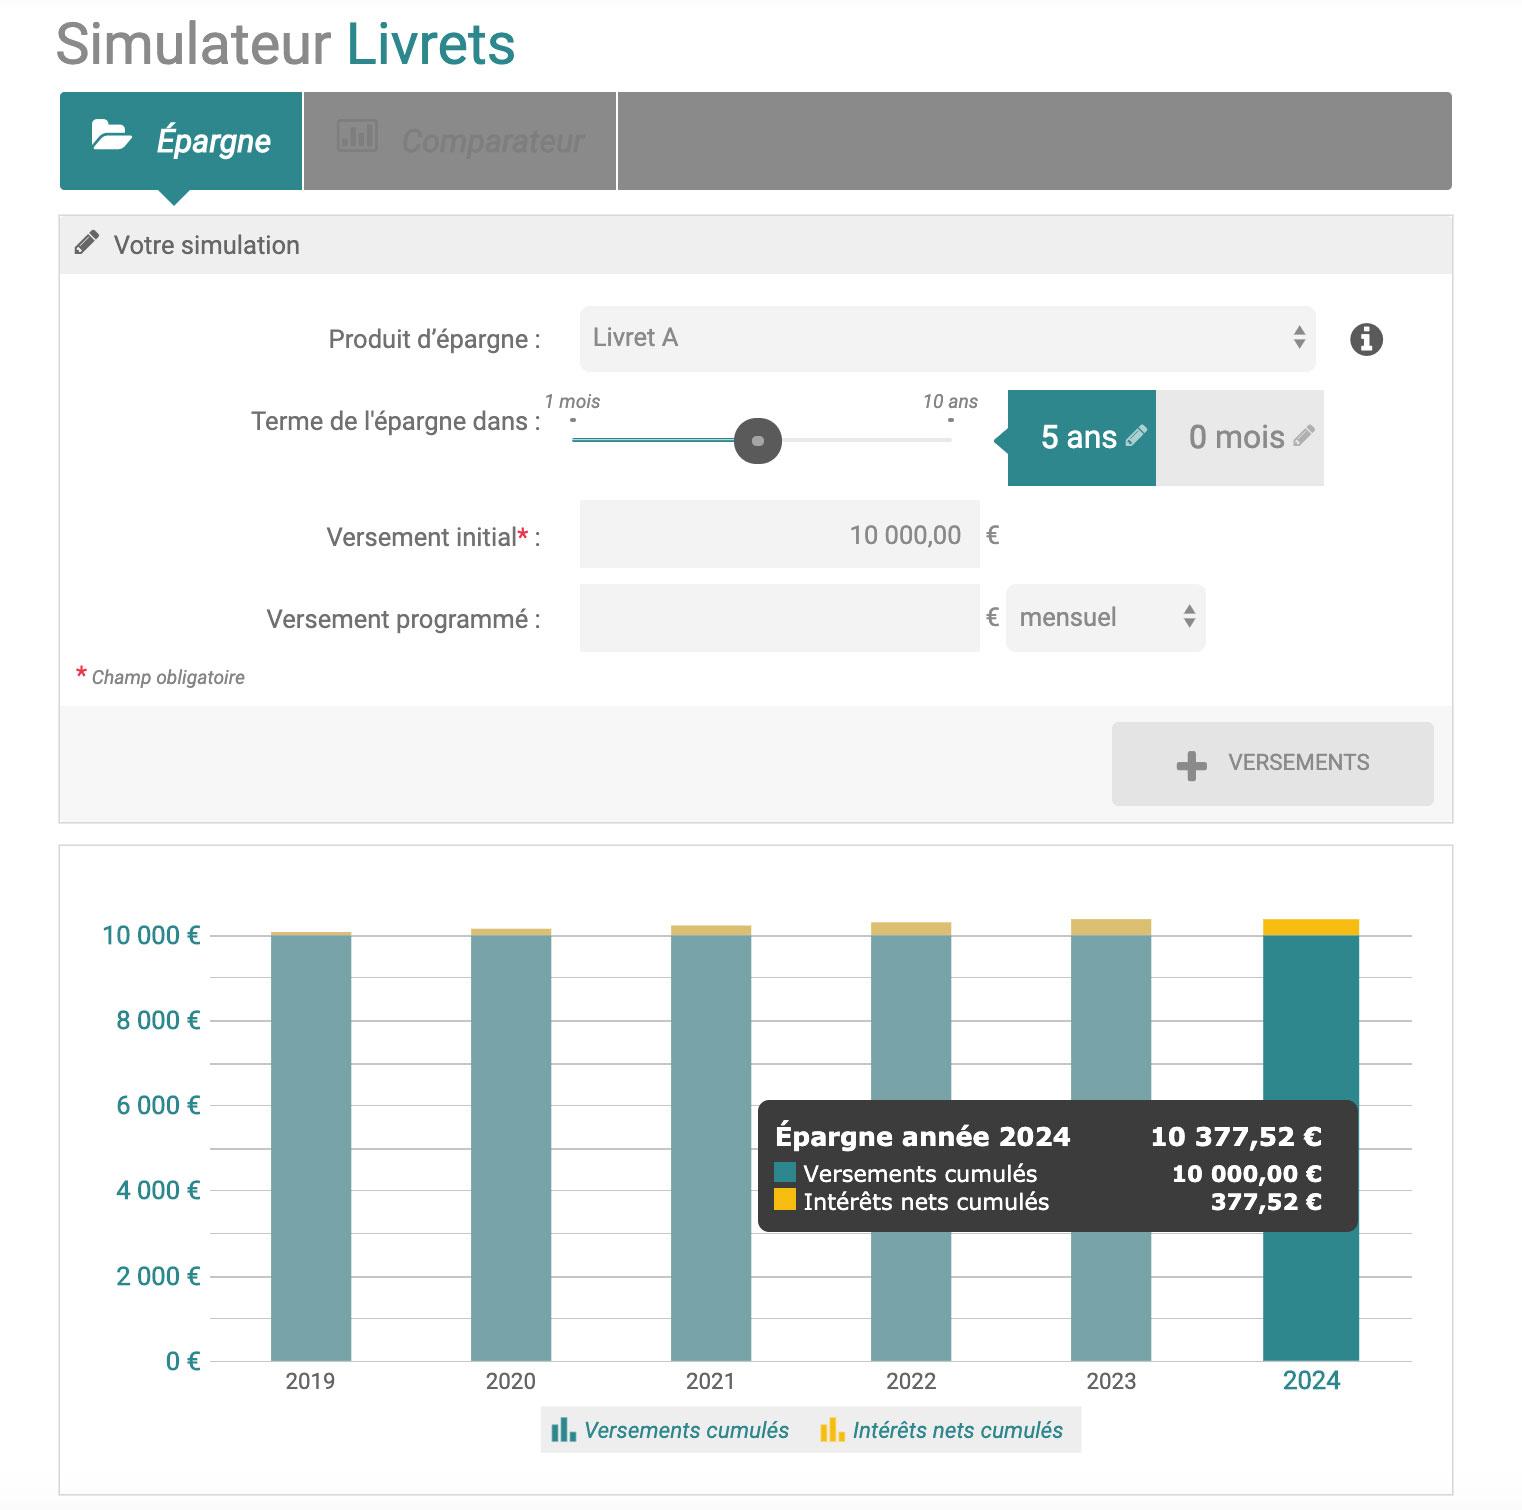 Simulateur de livret d'épargne chez BforBank